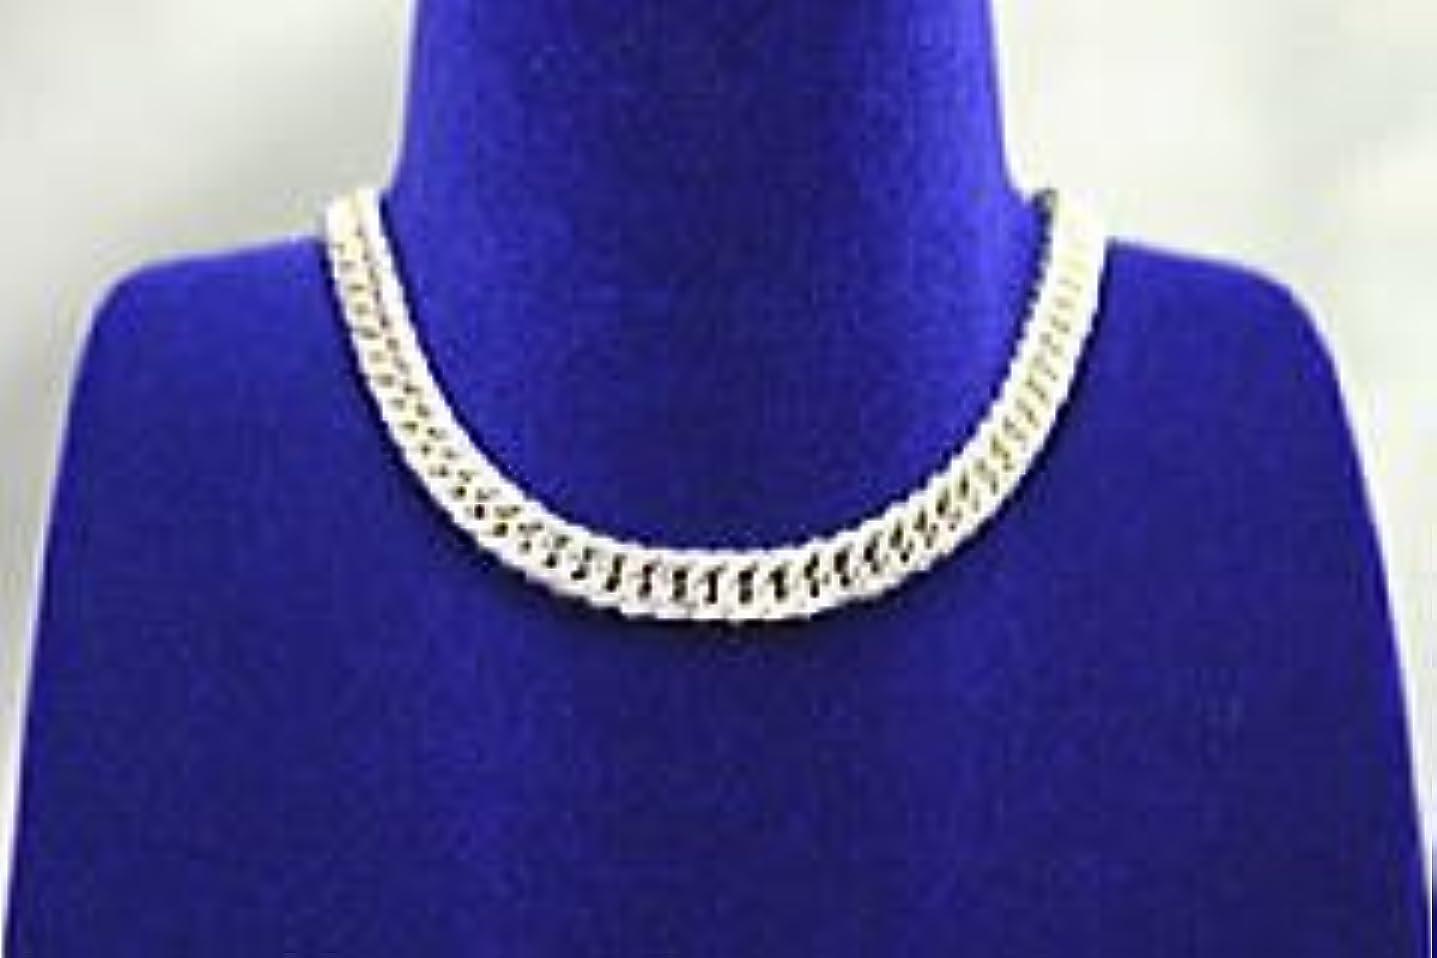 ダンプ商人年齢シルバー&ゲルマニウムネックレス 細め幅3.5ミリ喜平鎖46センチ 日本製